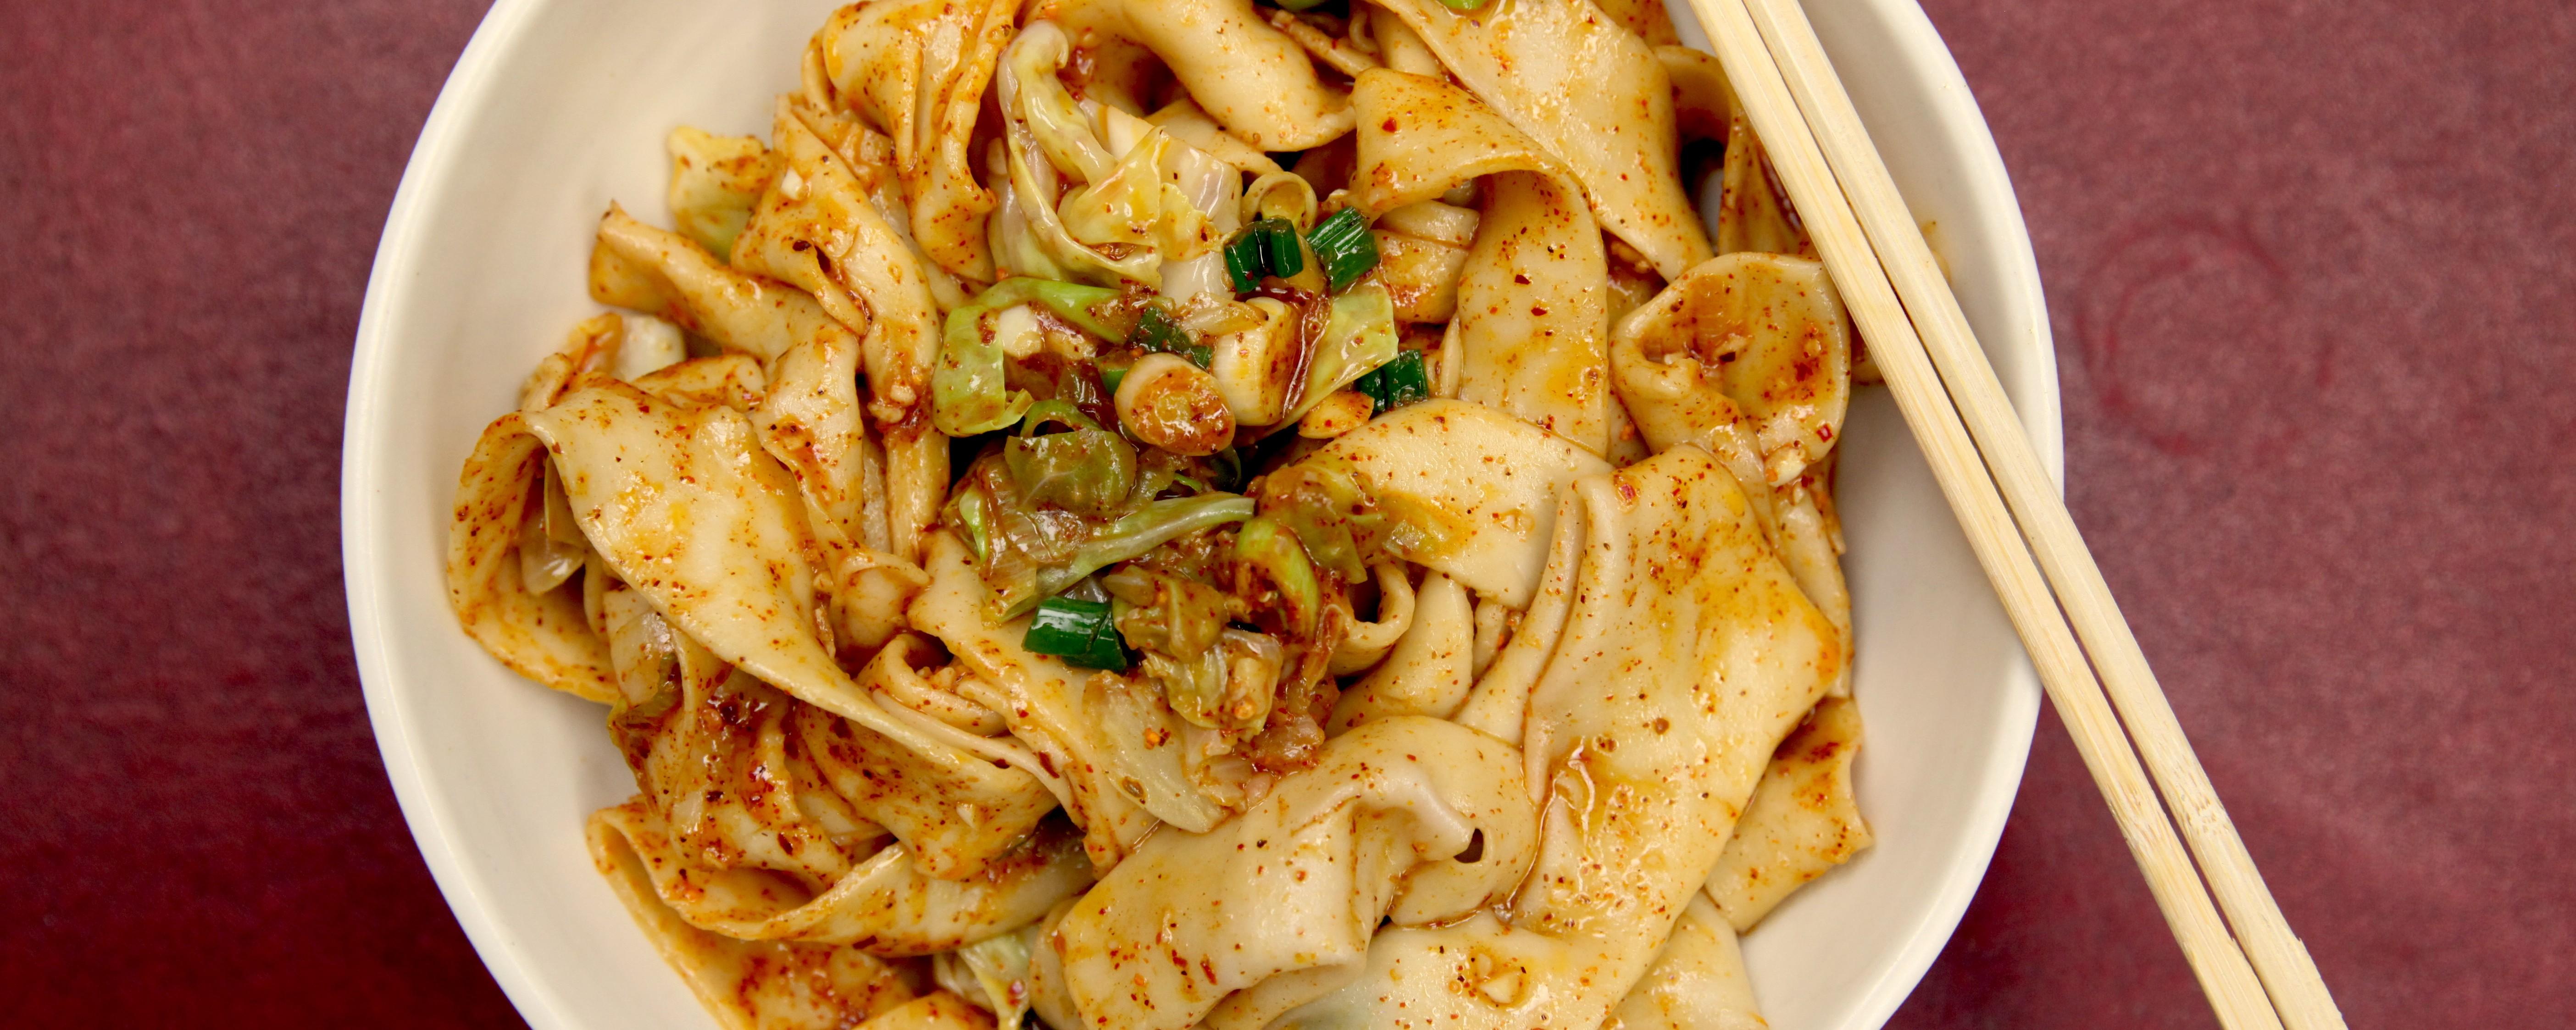 Ricetta Noodles Fatti A Mano.Ricette Di Noodles Fatti In Casa Noodles Cinesi Stirati Biang Biang